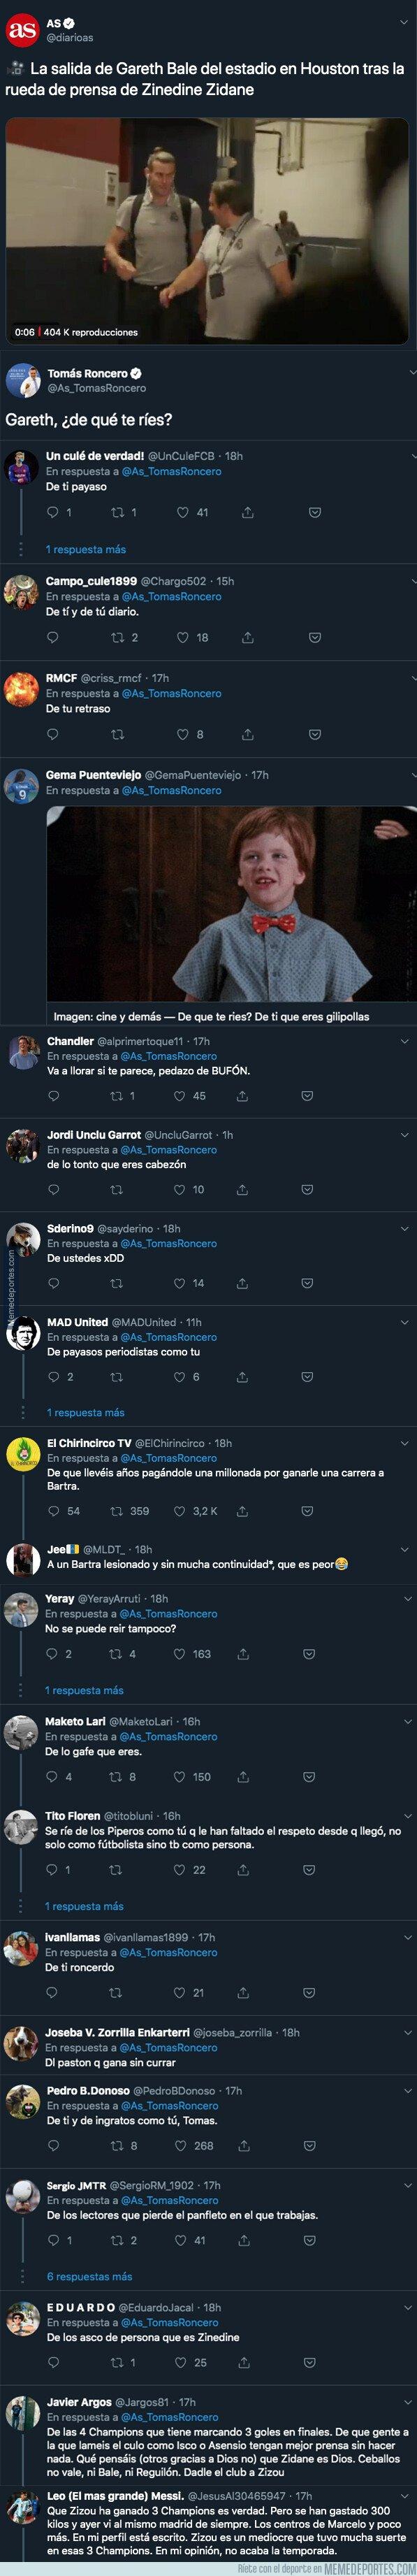 1081706 - Tomás Roncero se pregunta de qué se ríe Bale tras perder frente al Bayern y todo Twitter responde con crueldad